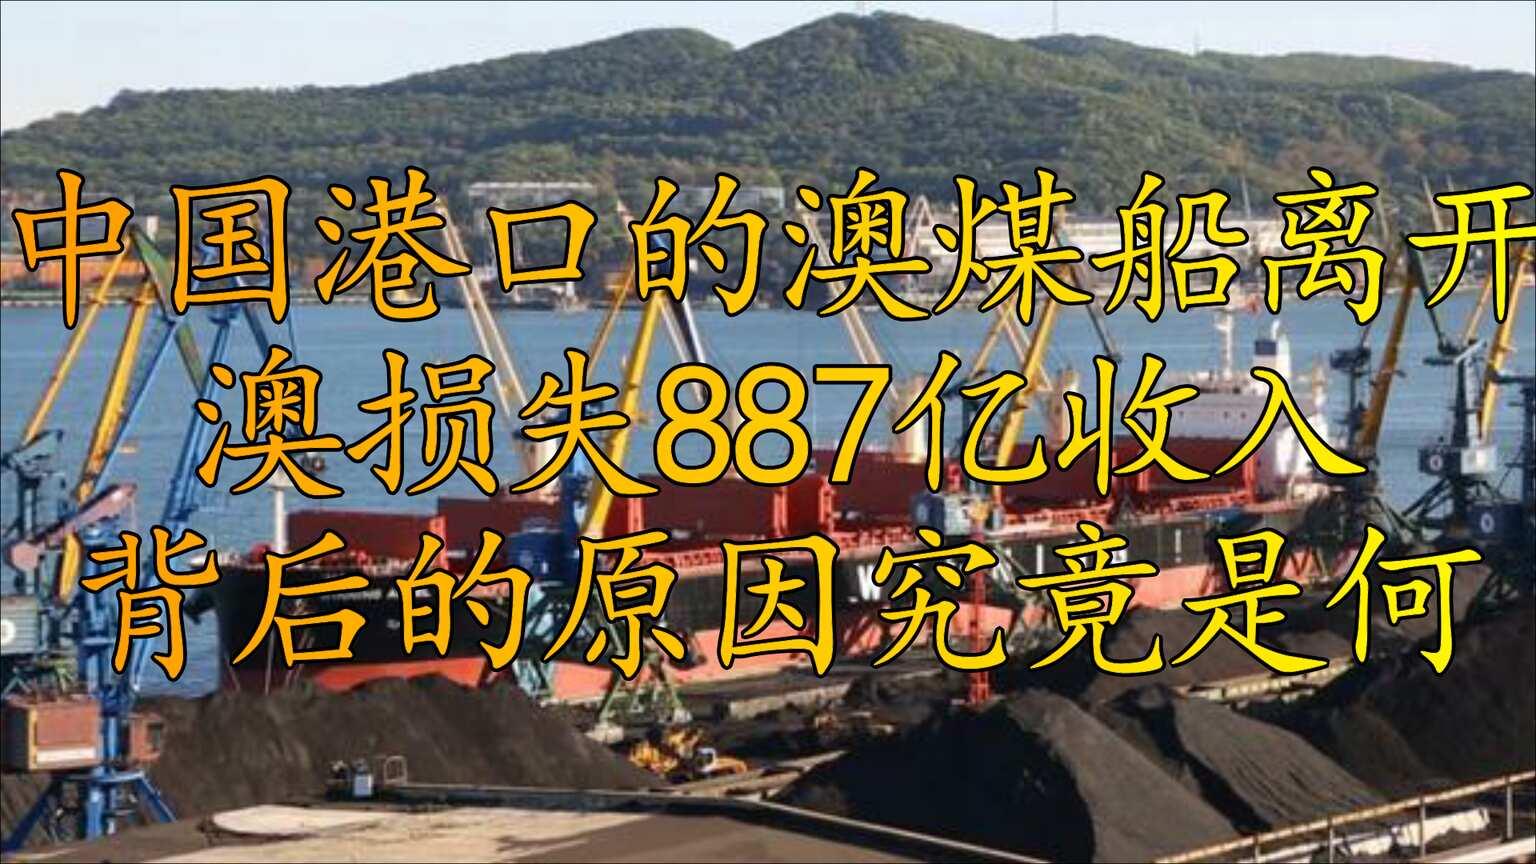 中國港口的澳煤船離開,澳損失887億收入,背后的原因究竟是何